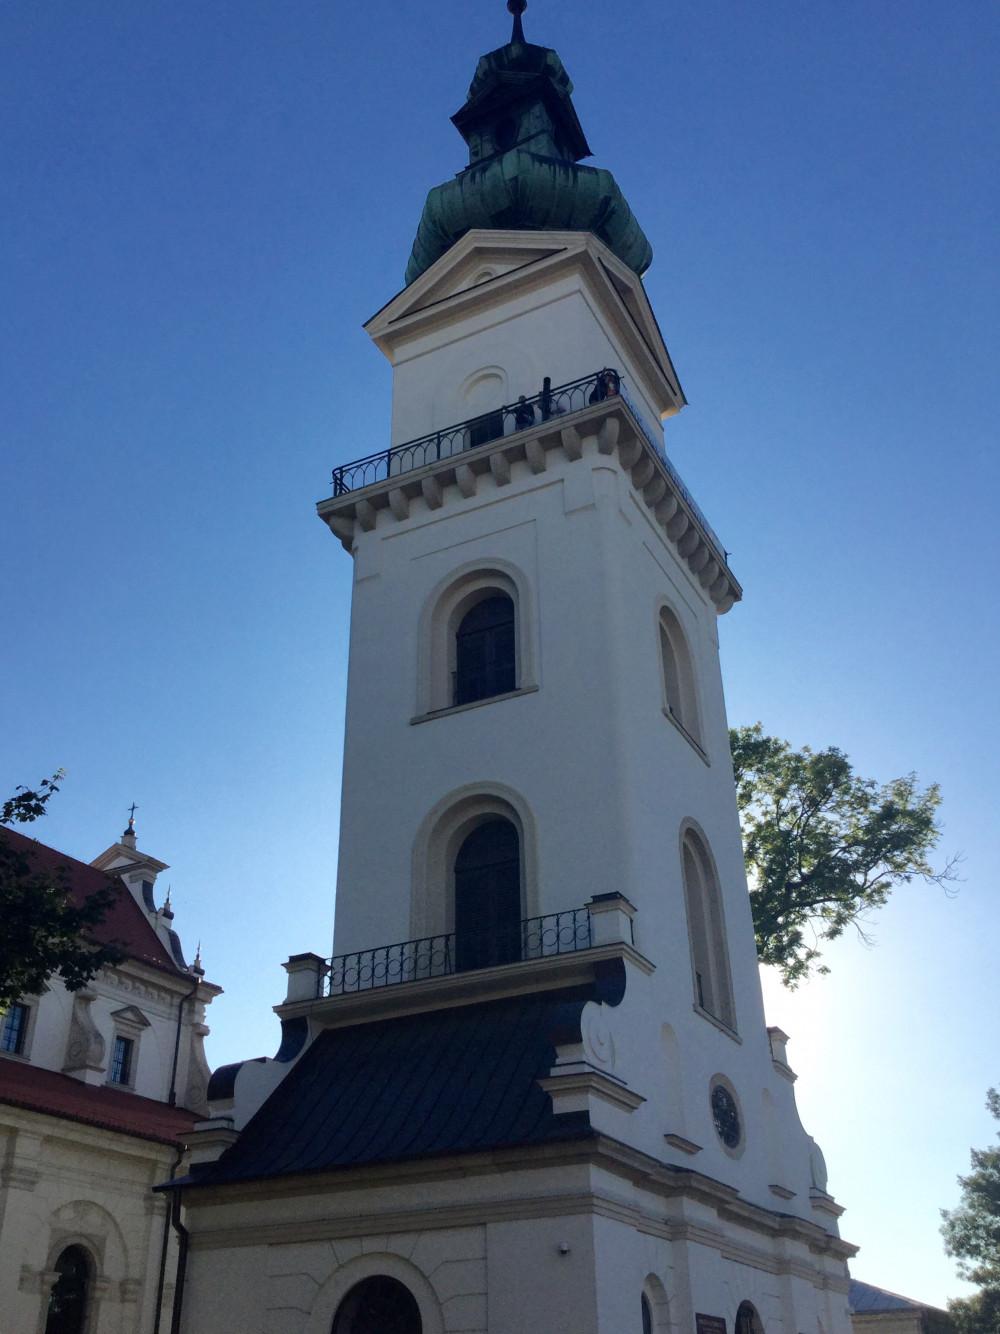 大聖堂の隣にあるベルタワー